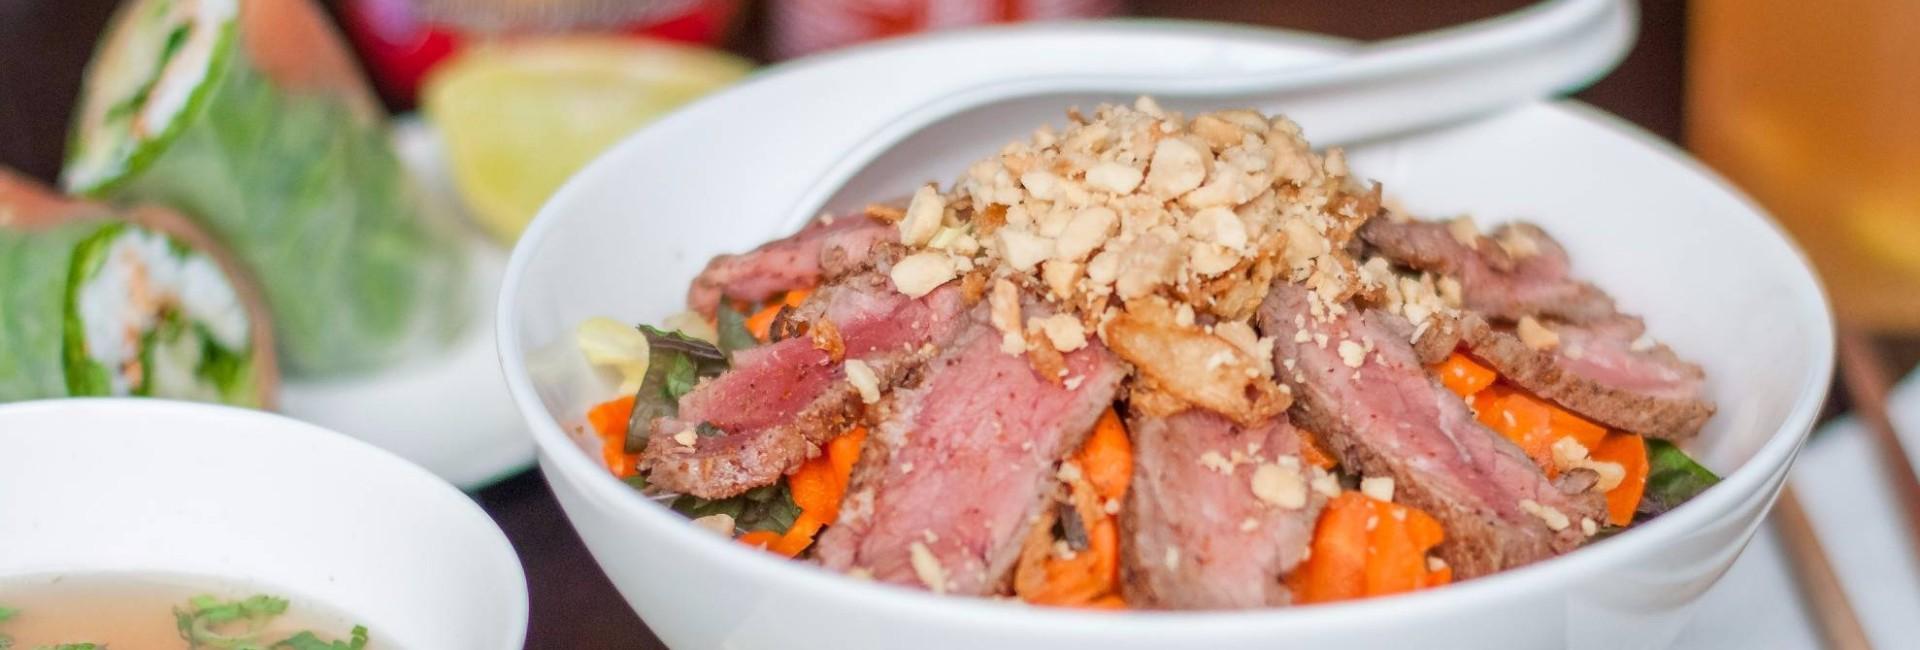 06 meilleurs restaurants vietnamiens à Bruxelles